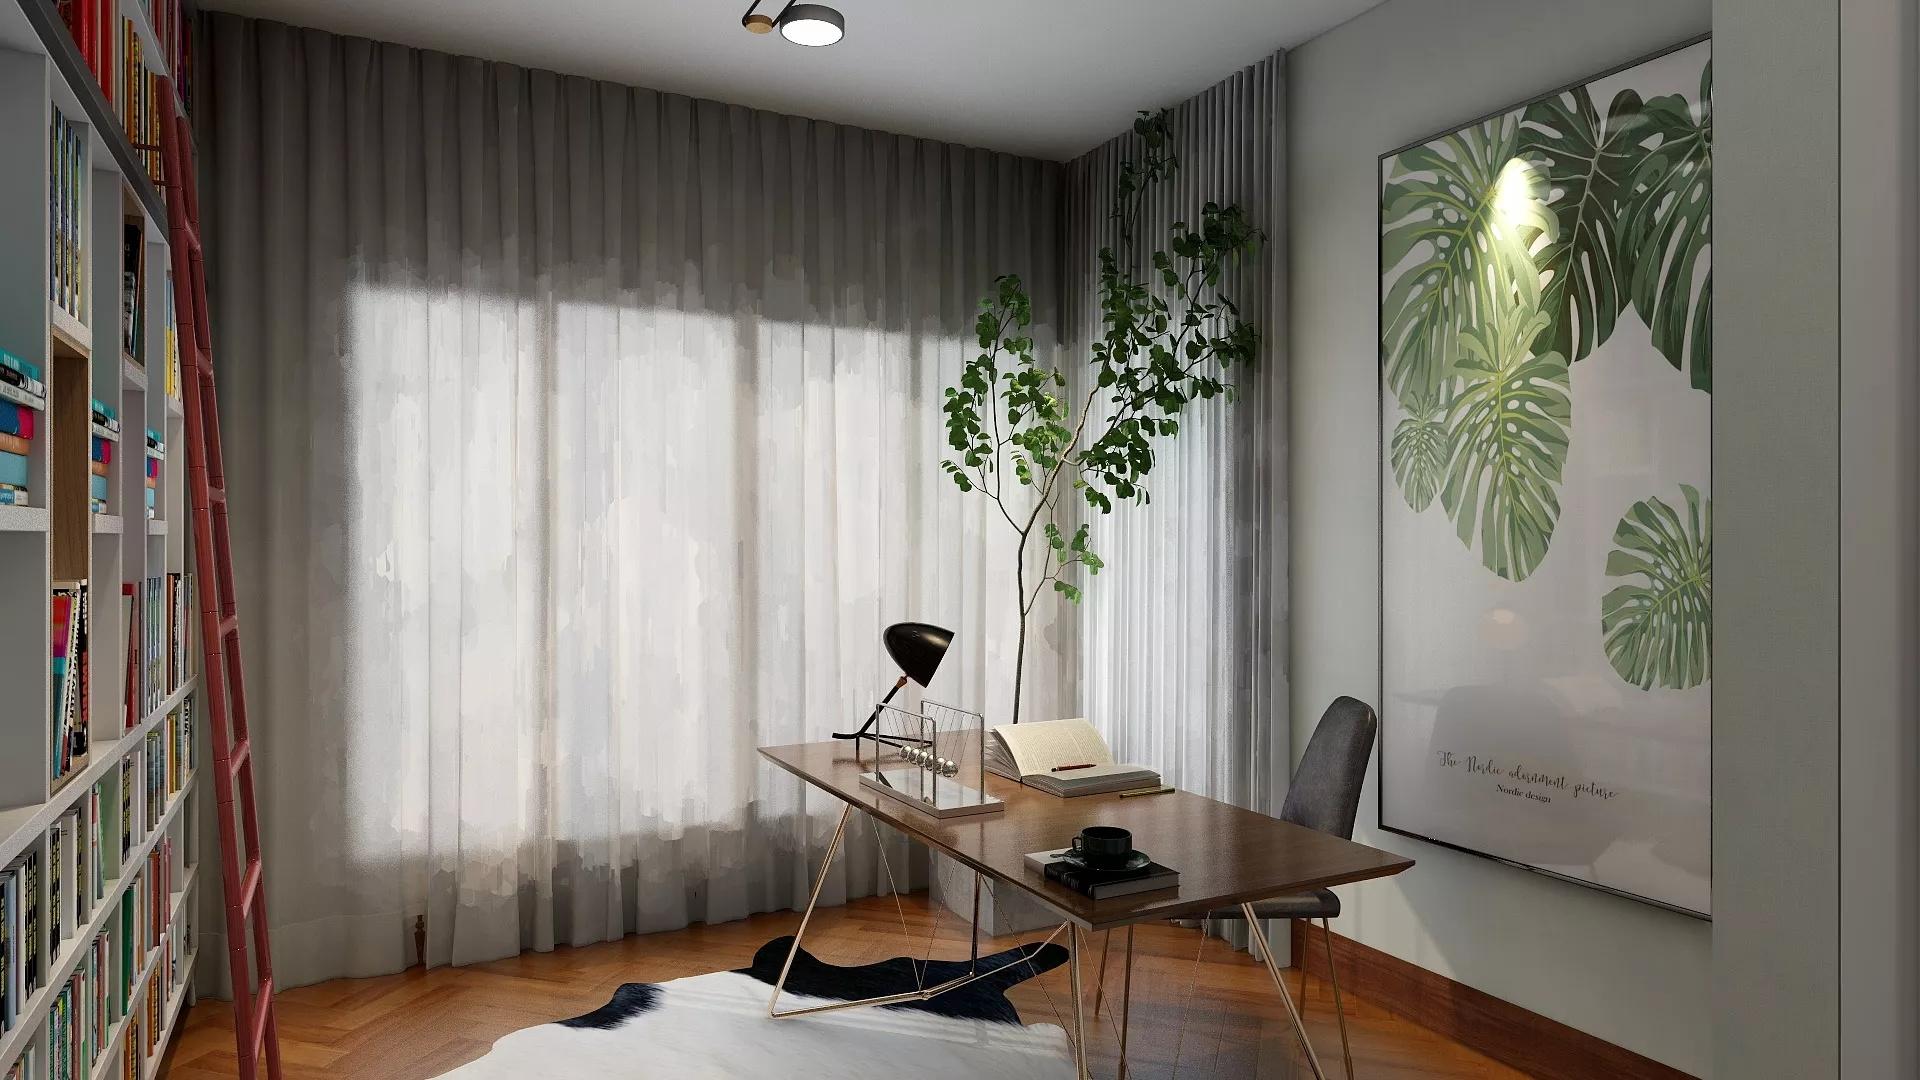 三大要点告诉您欧式客厅装修 华贵高雅从何而来?